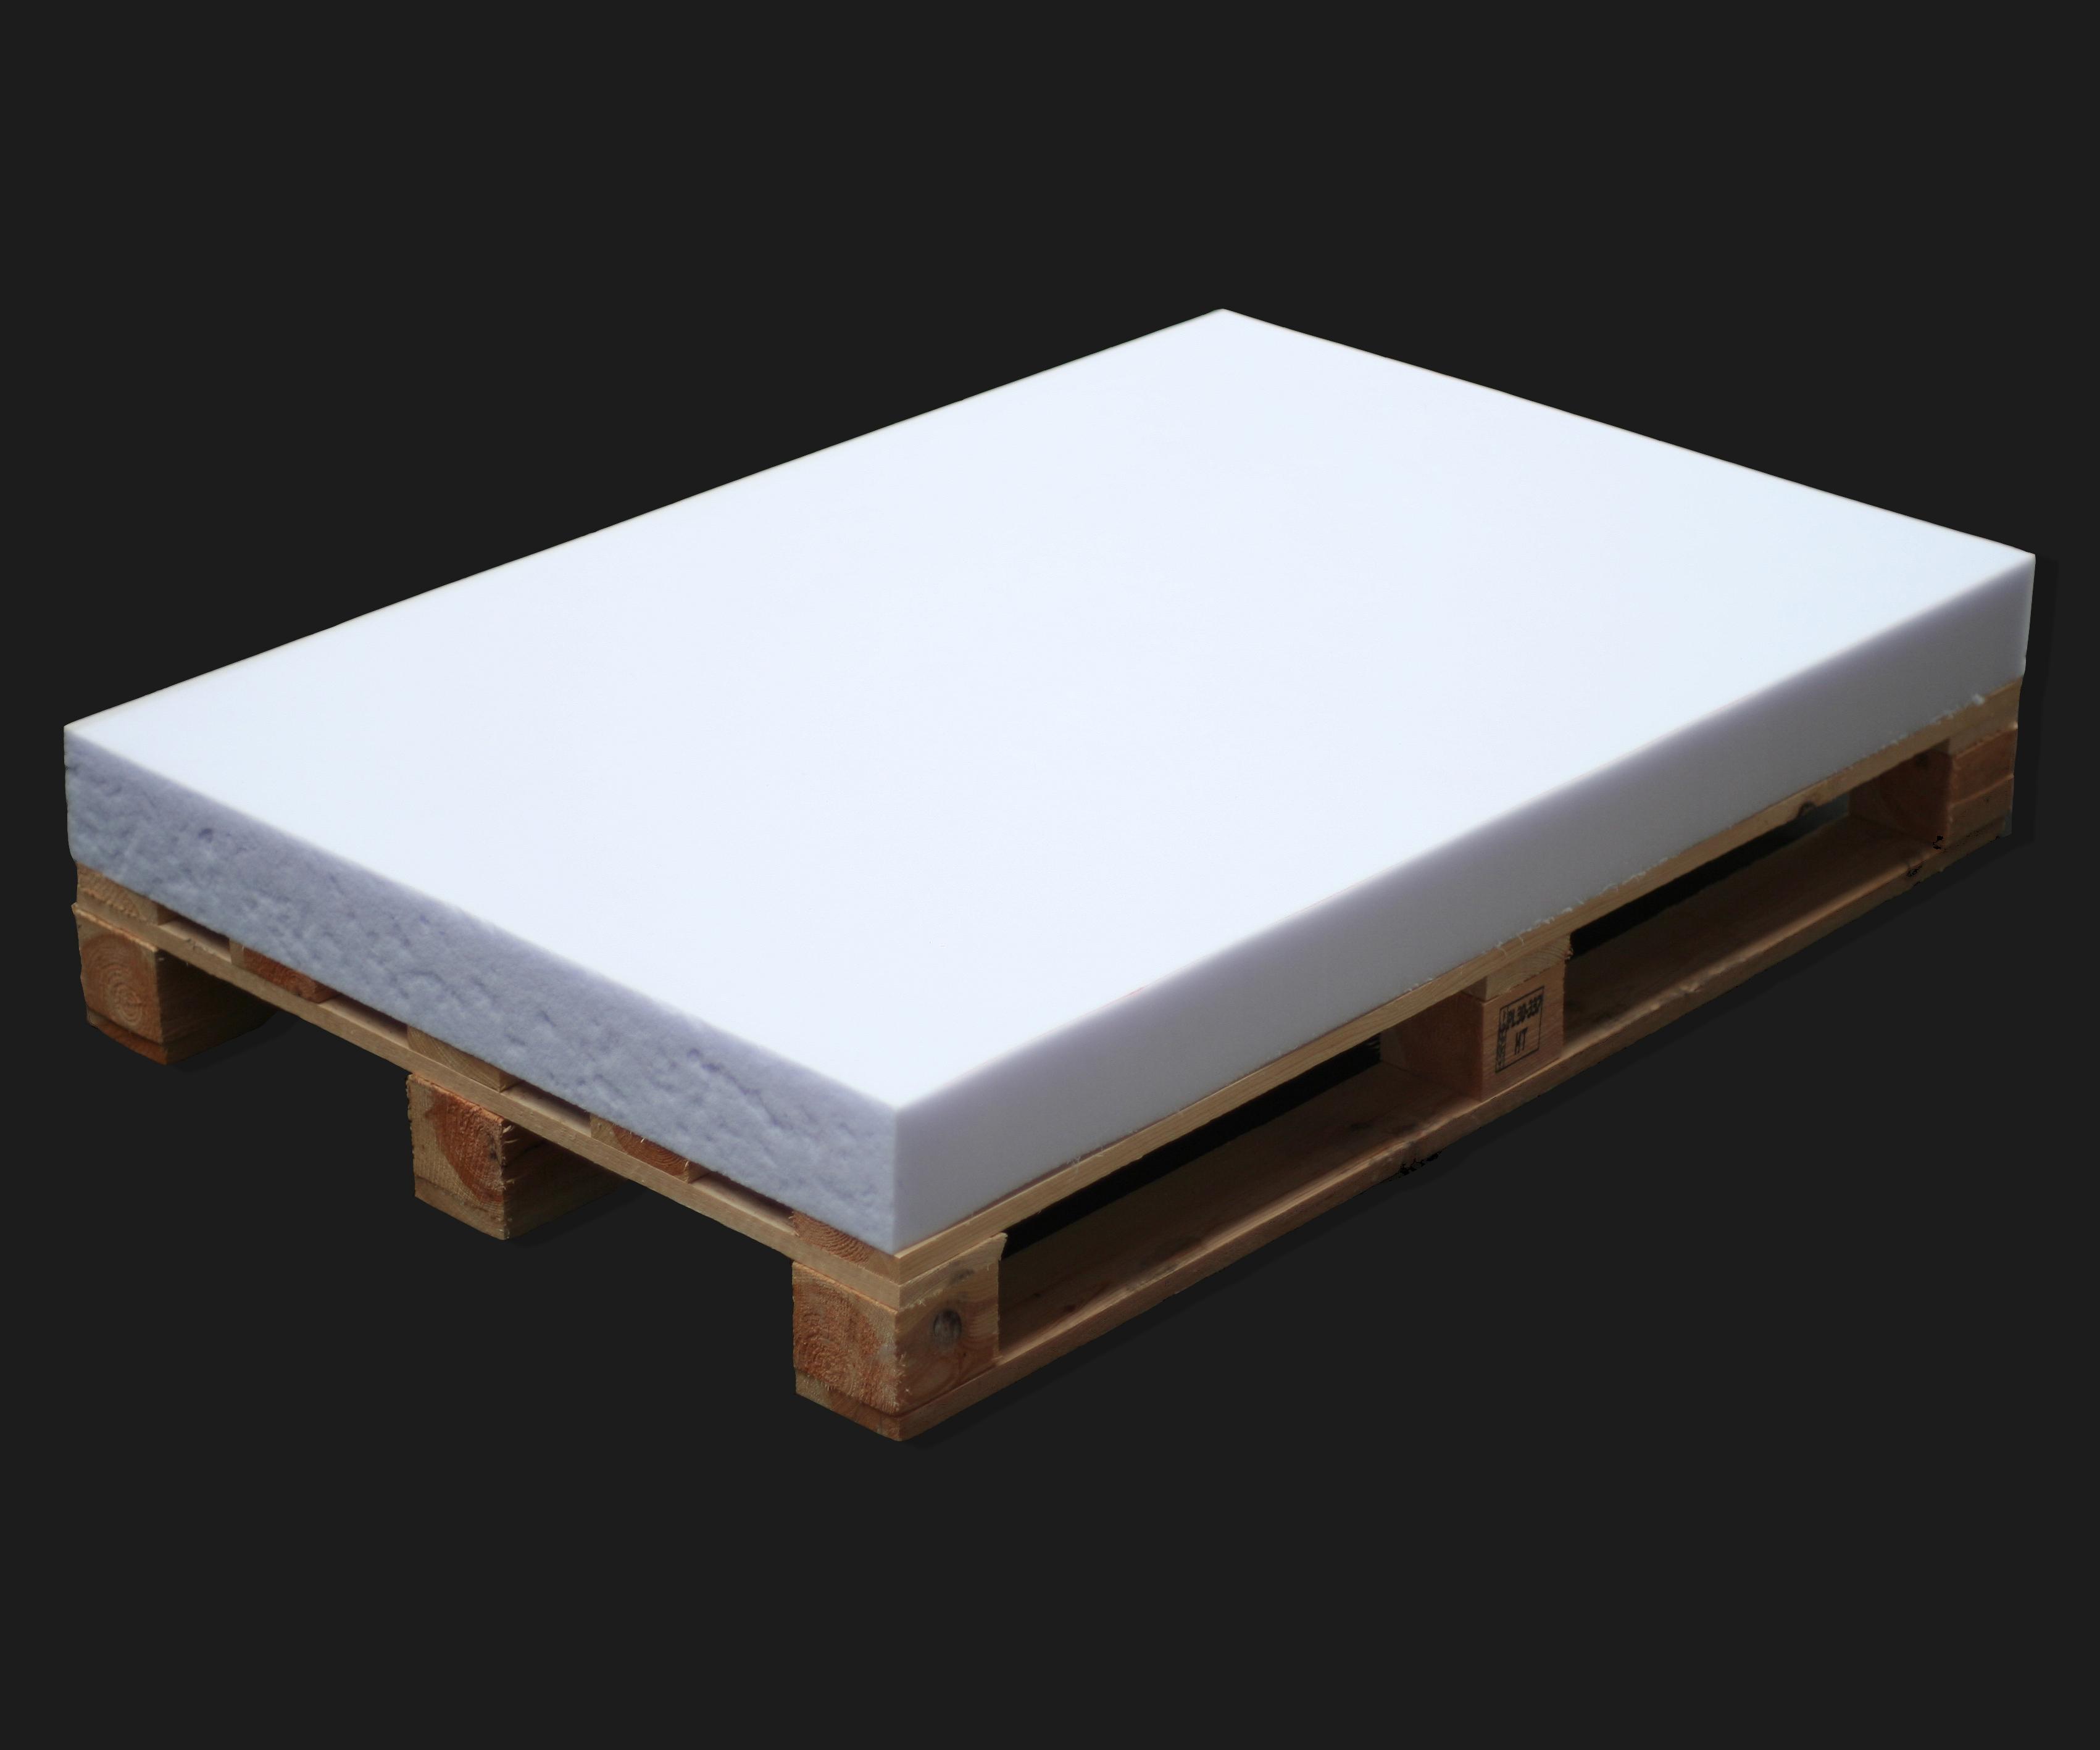 palettenm bel polster polsterschaum schaumstoffplatte f r palette auflage ebay. Black Bedroom Furniture Sets. Home Design Ideas